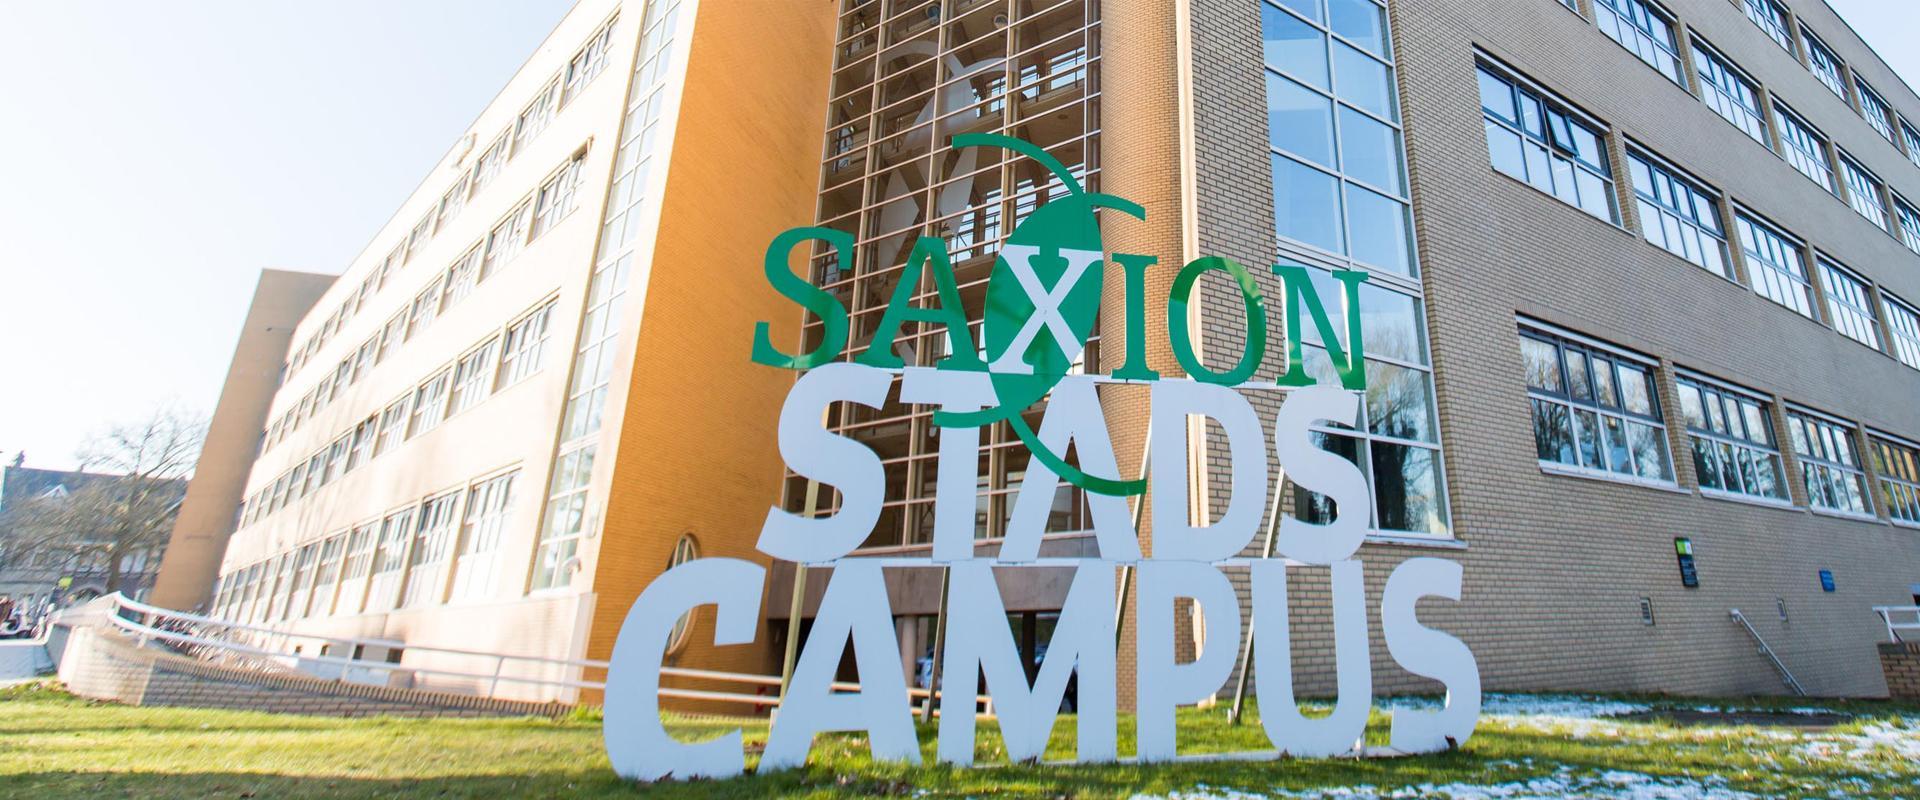 De verbinding tussen Saxion en studieverenigingen